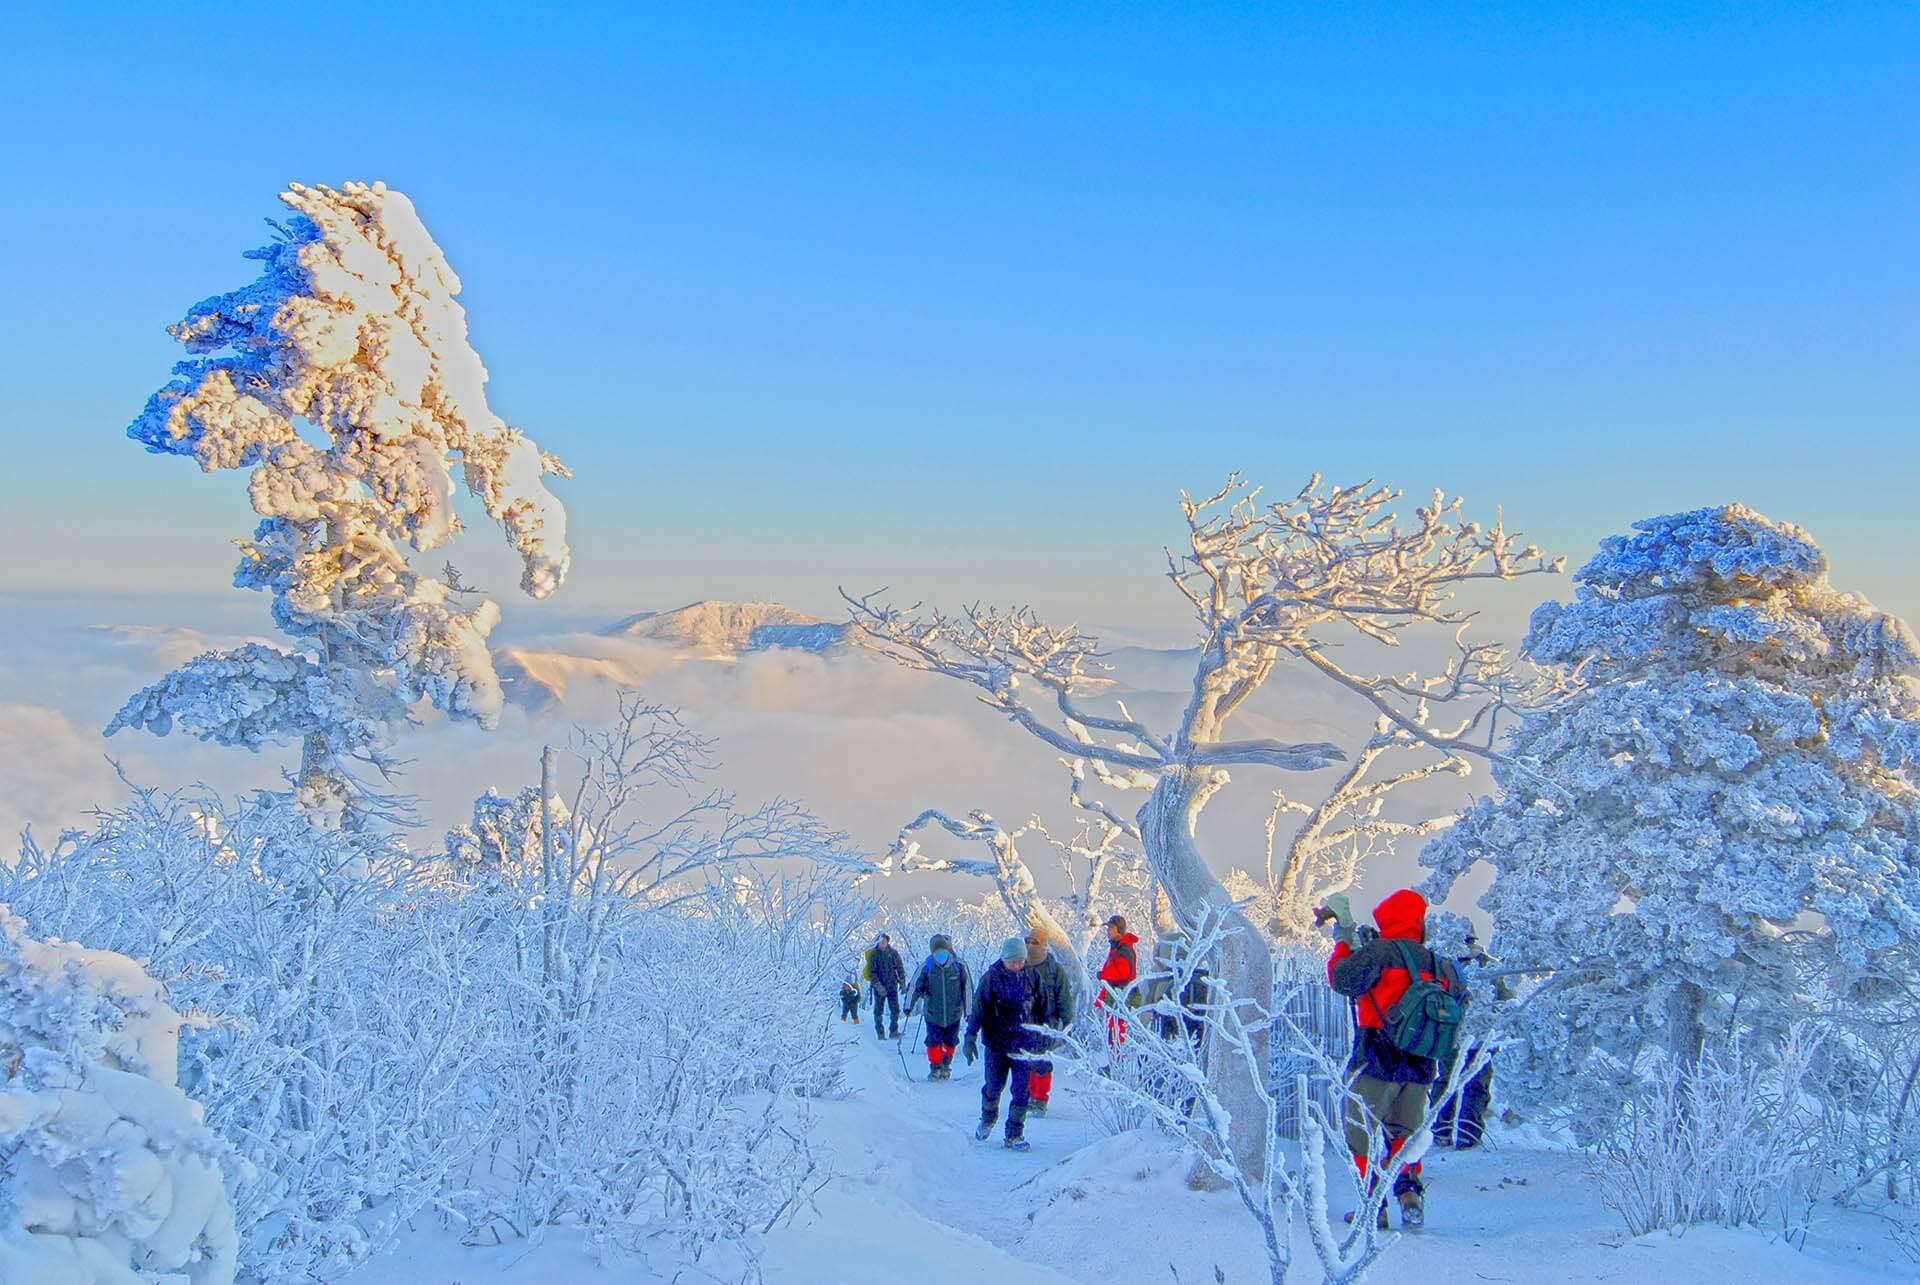 Taebaeksan Mountain Snow Festival 2020